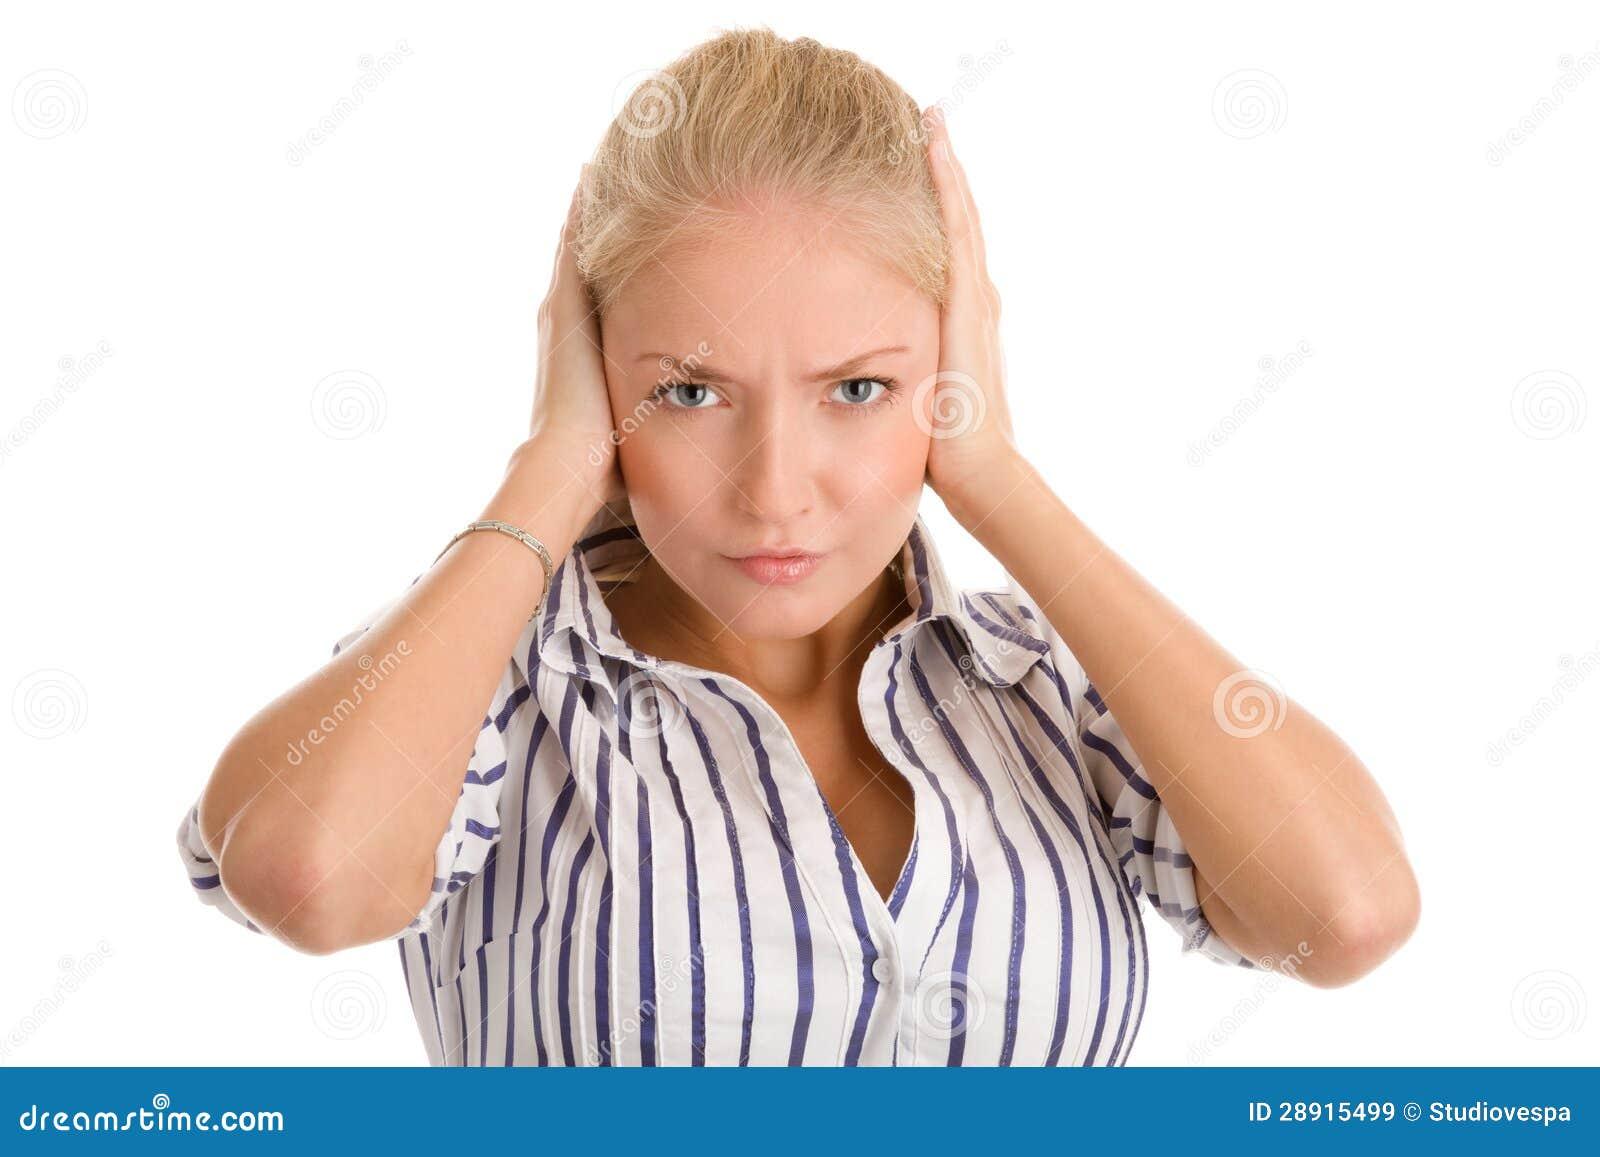 oorsmeerprop symptomen